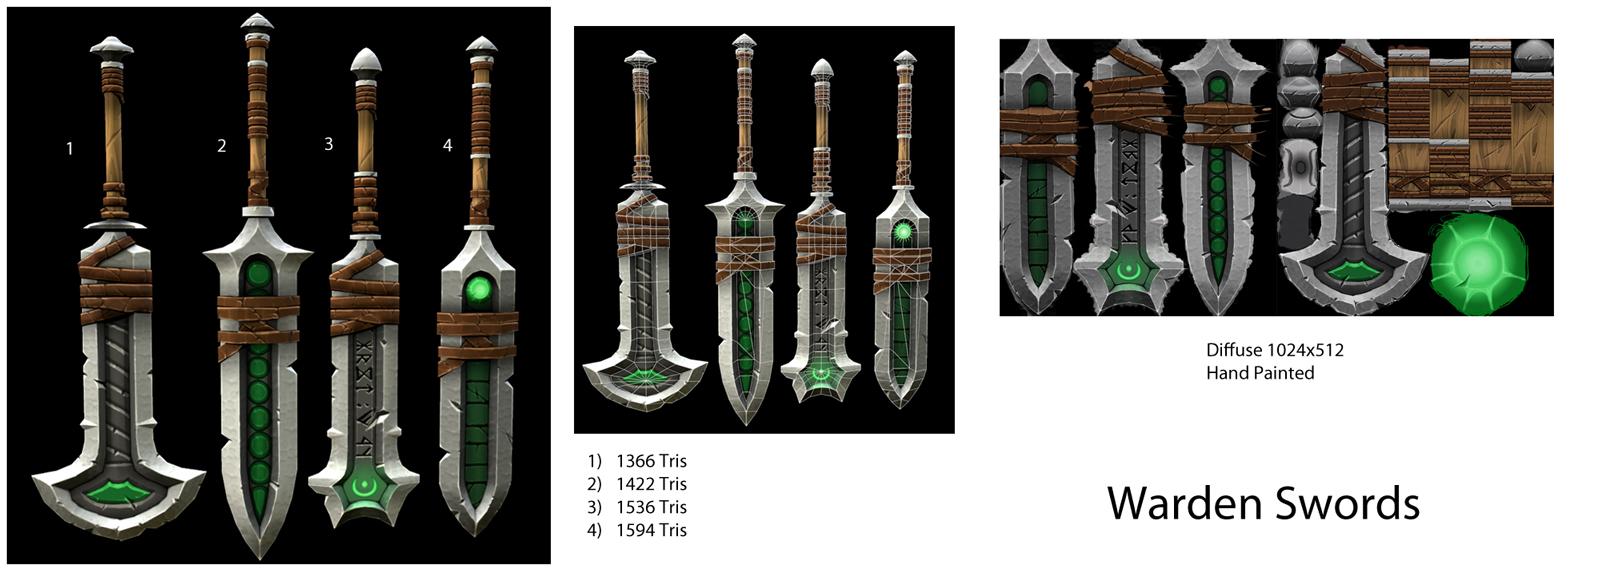 Warden_swords.jpg